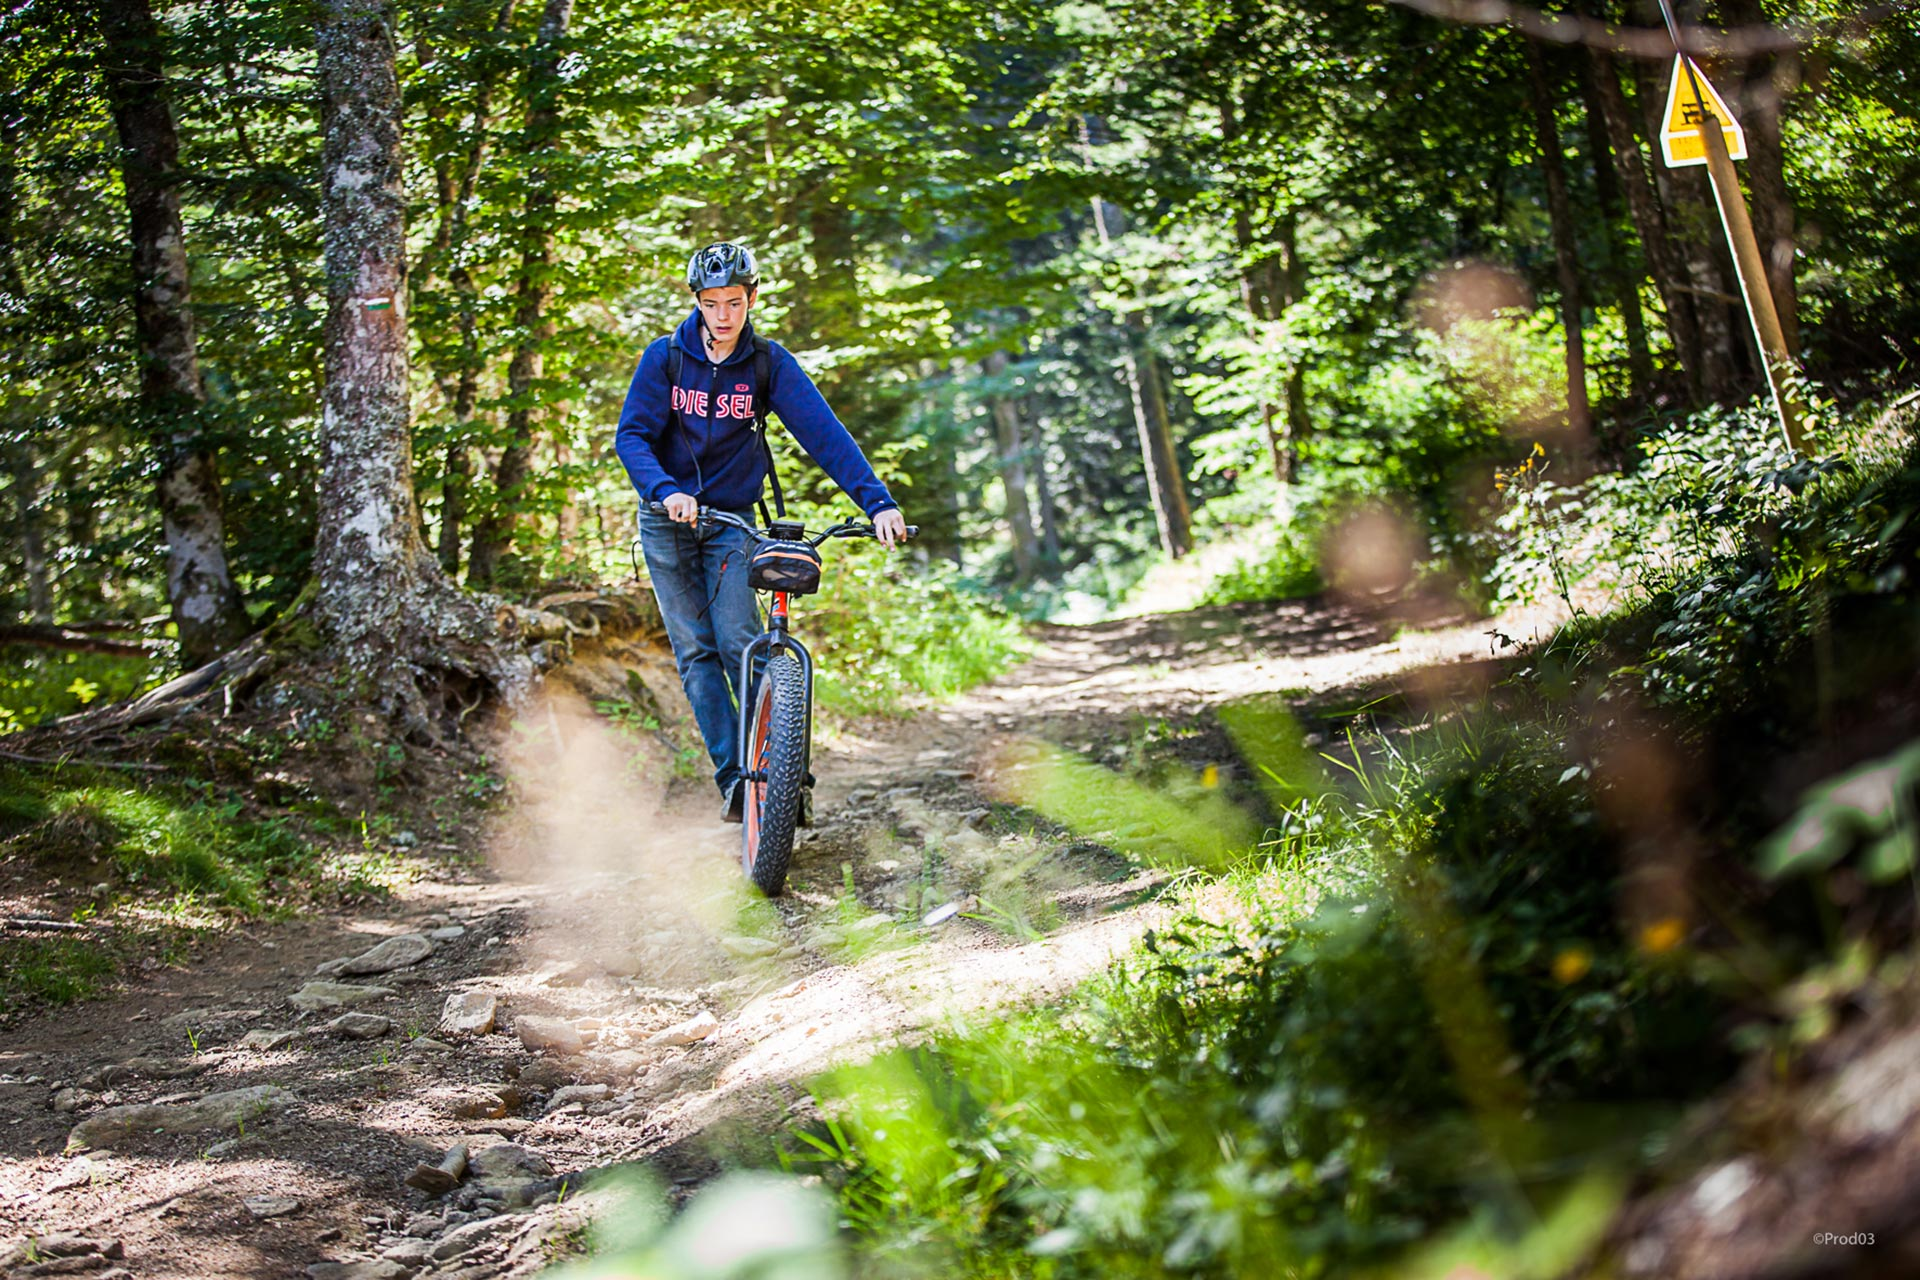 parc-activite-montagne-praboure-trottinette-de-descente-5